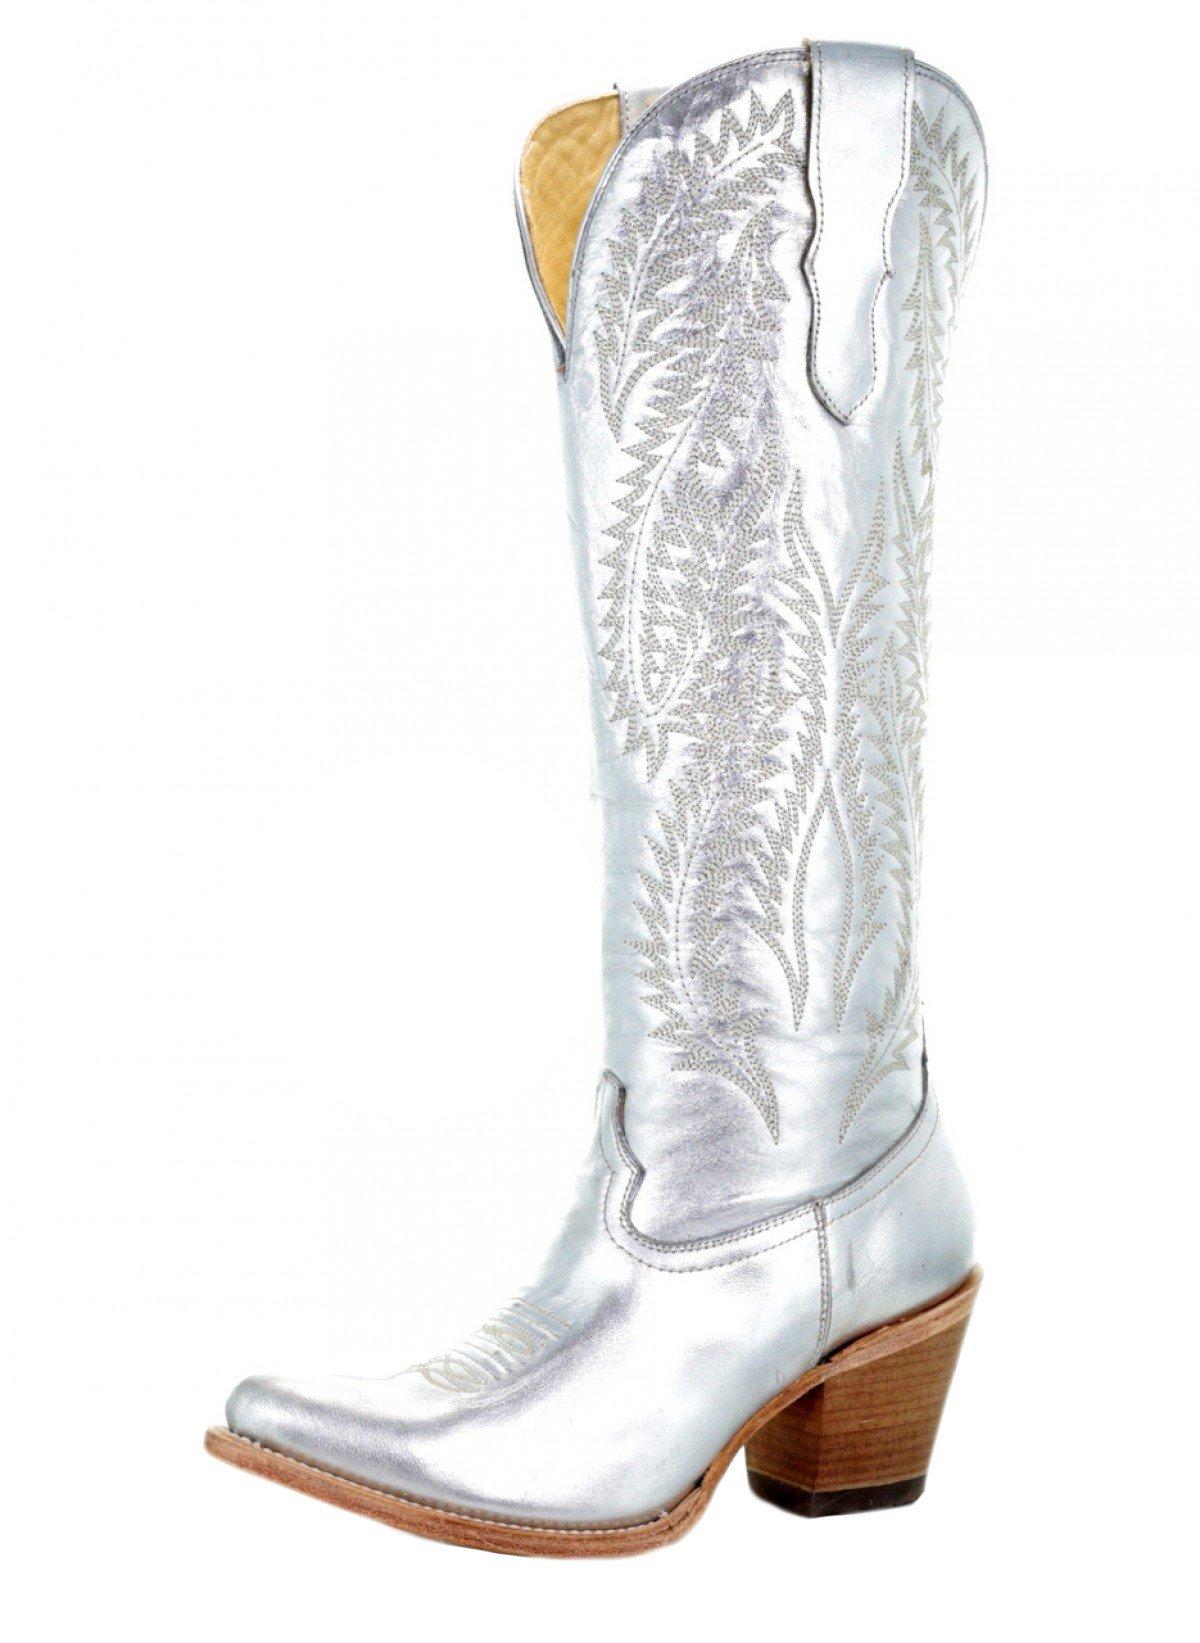 CORRAL E1321 Metallic Silver Tall Top Boots (9)